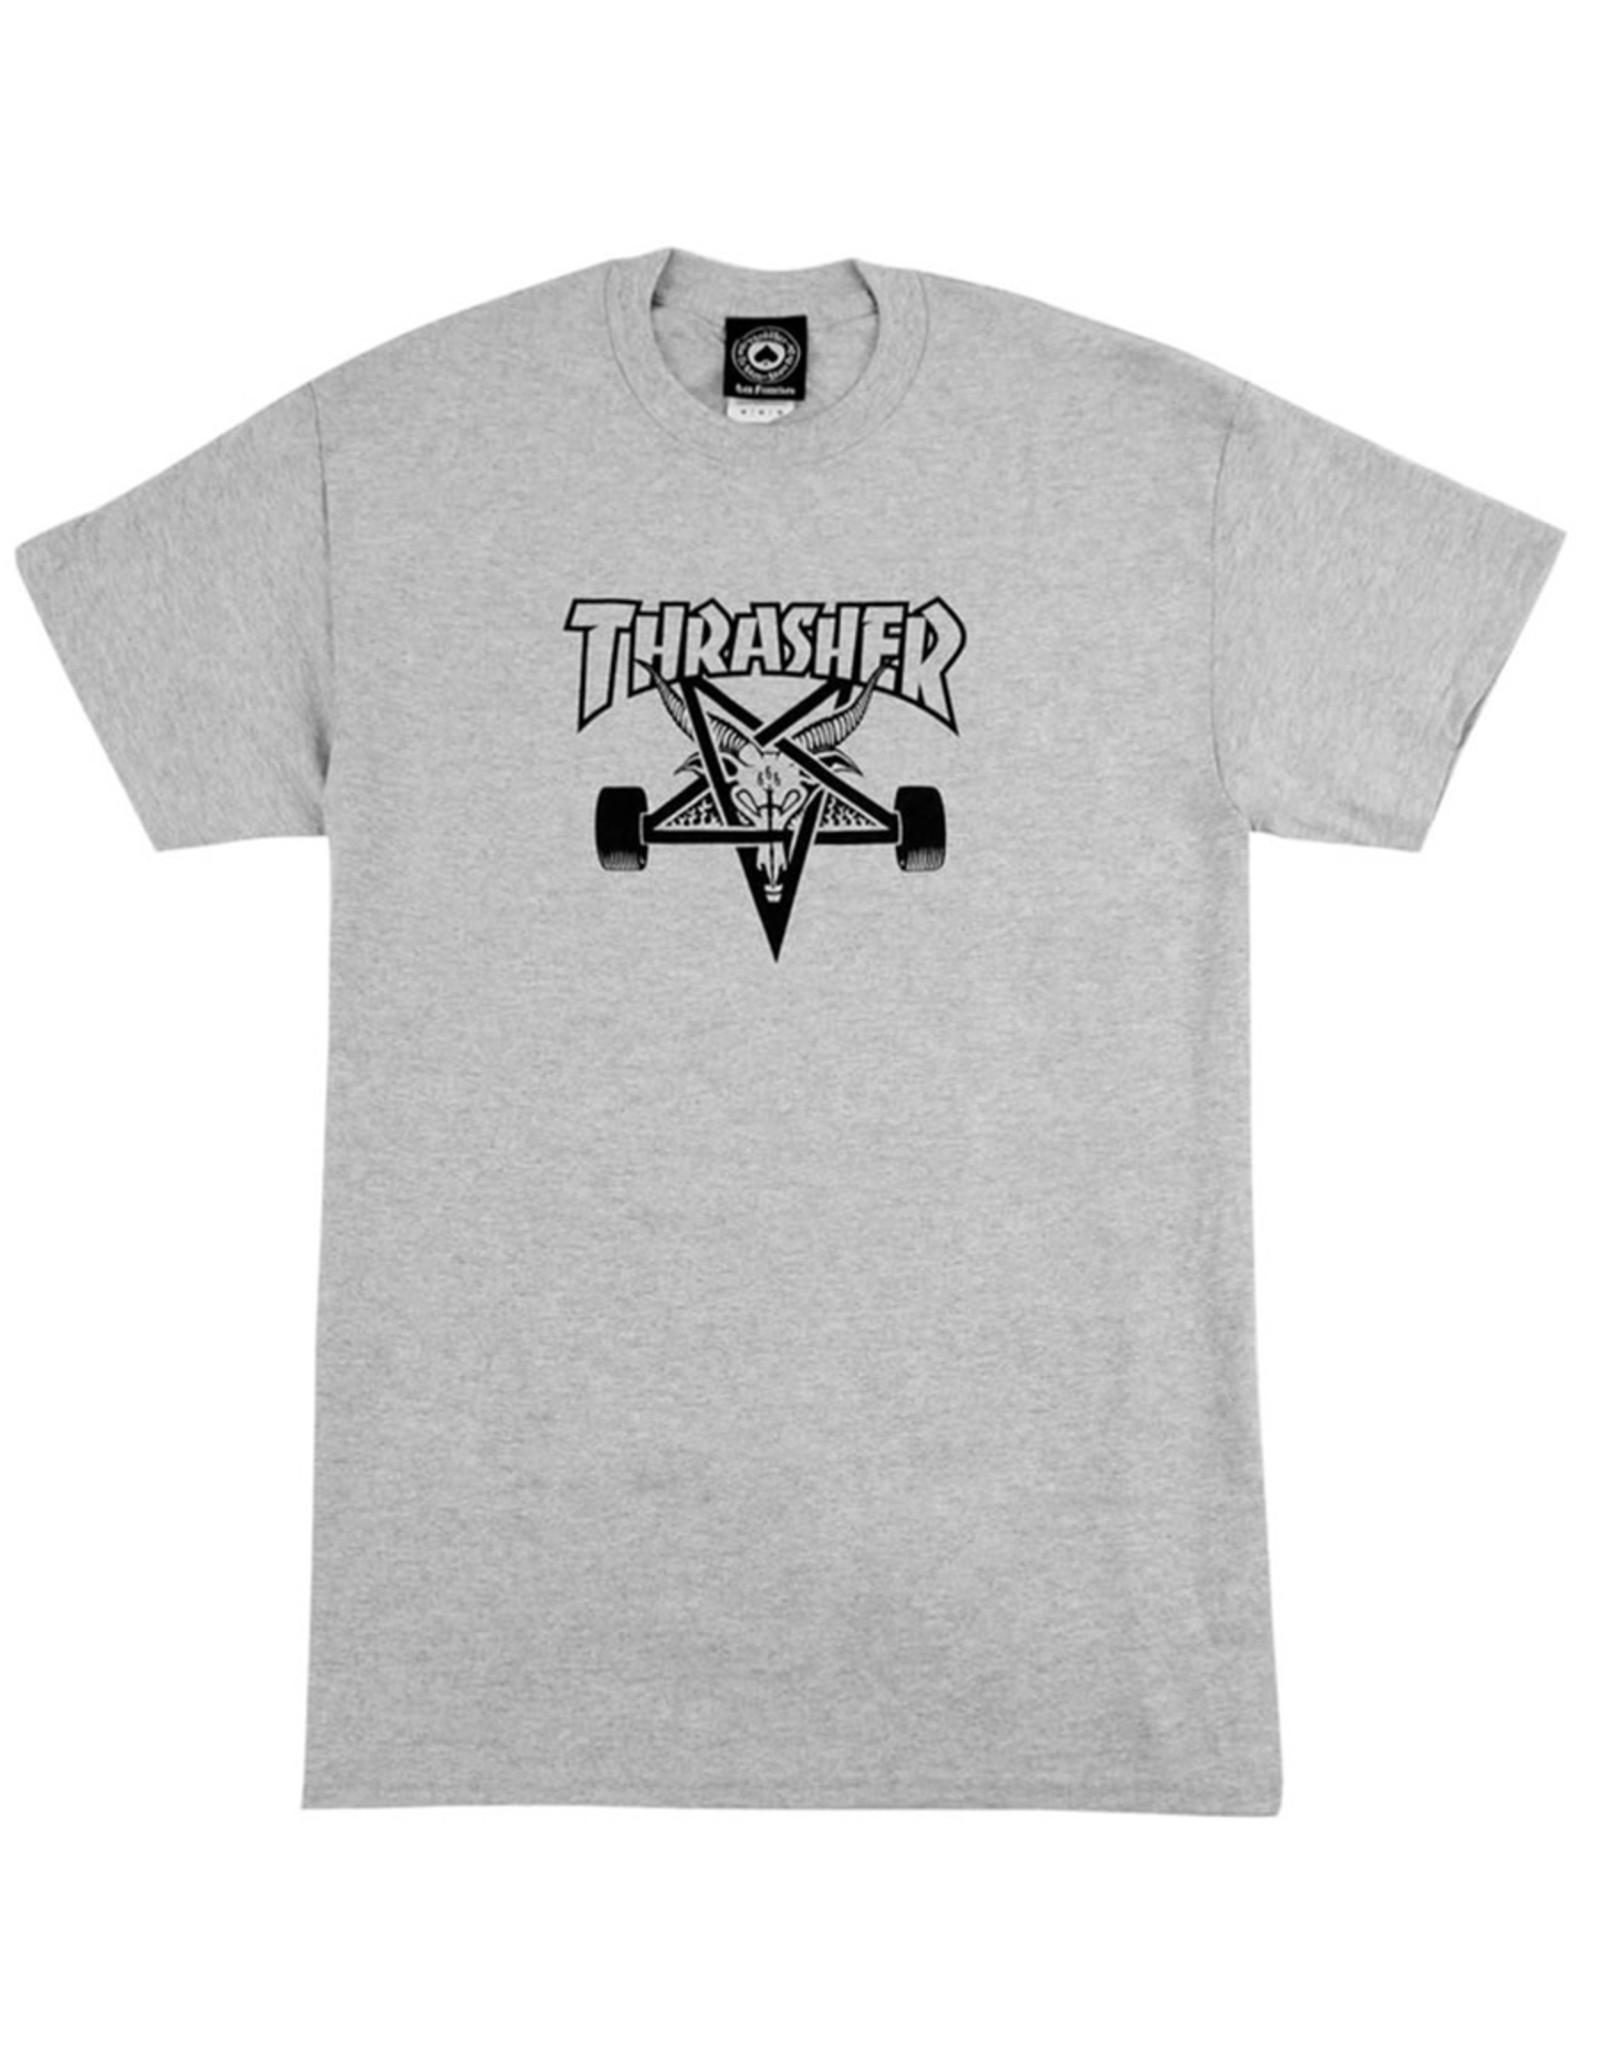 Thrasher Thrasher Tee Mens Sk8 Goat S/S (Grey)